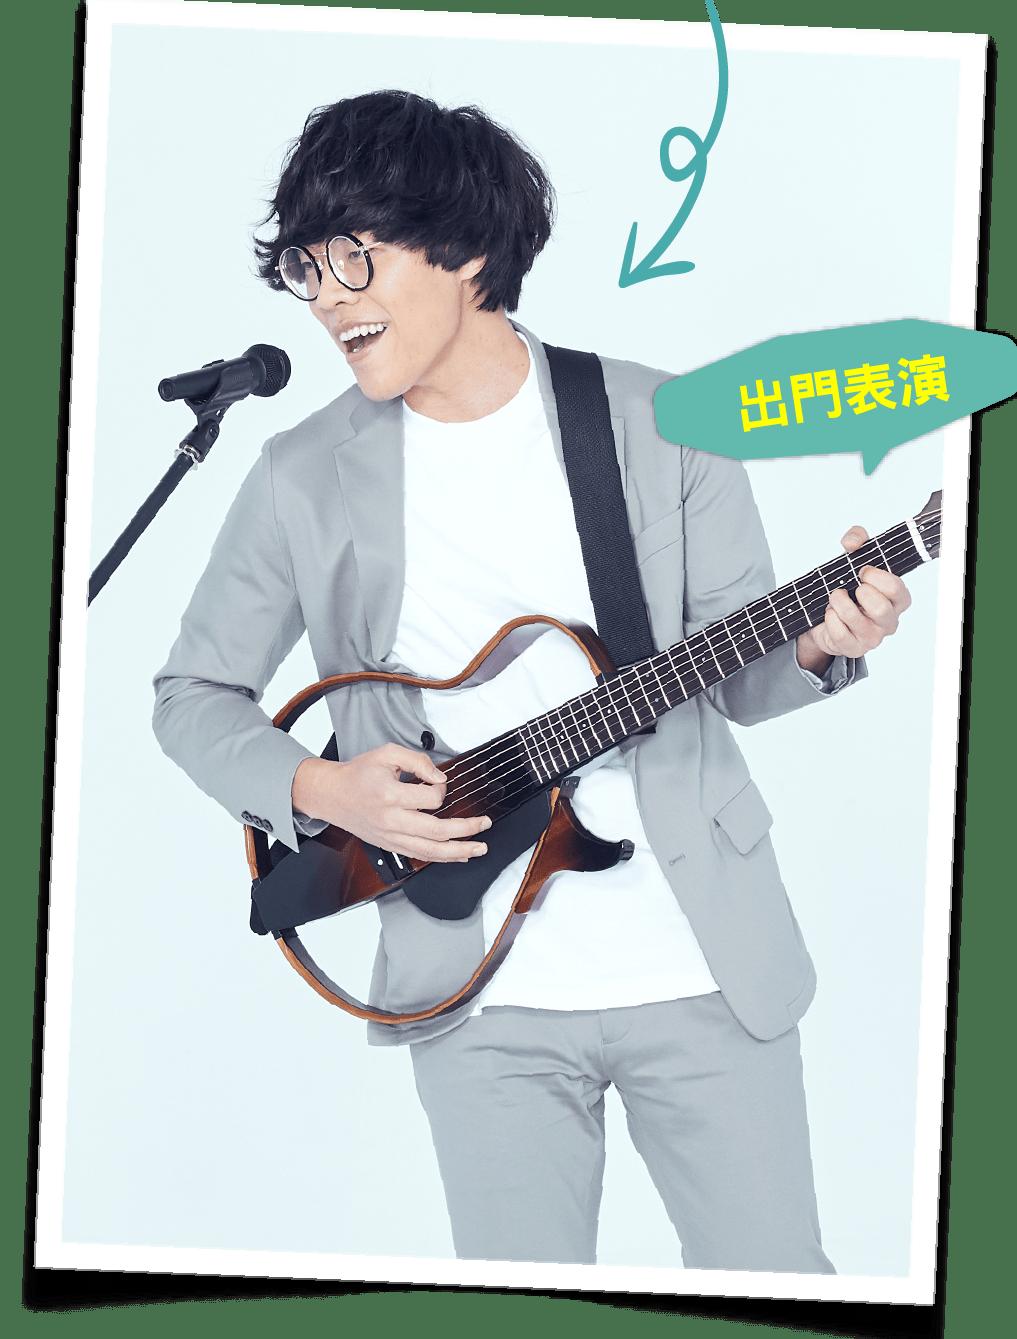 盧廣仲 SLG200S 靜音吉他演出